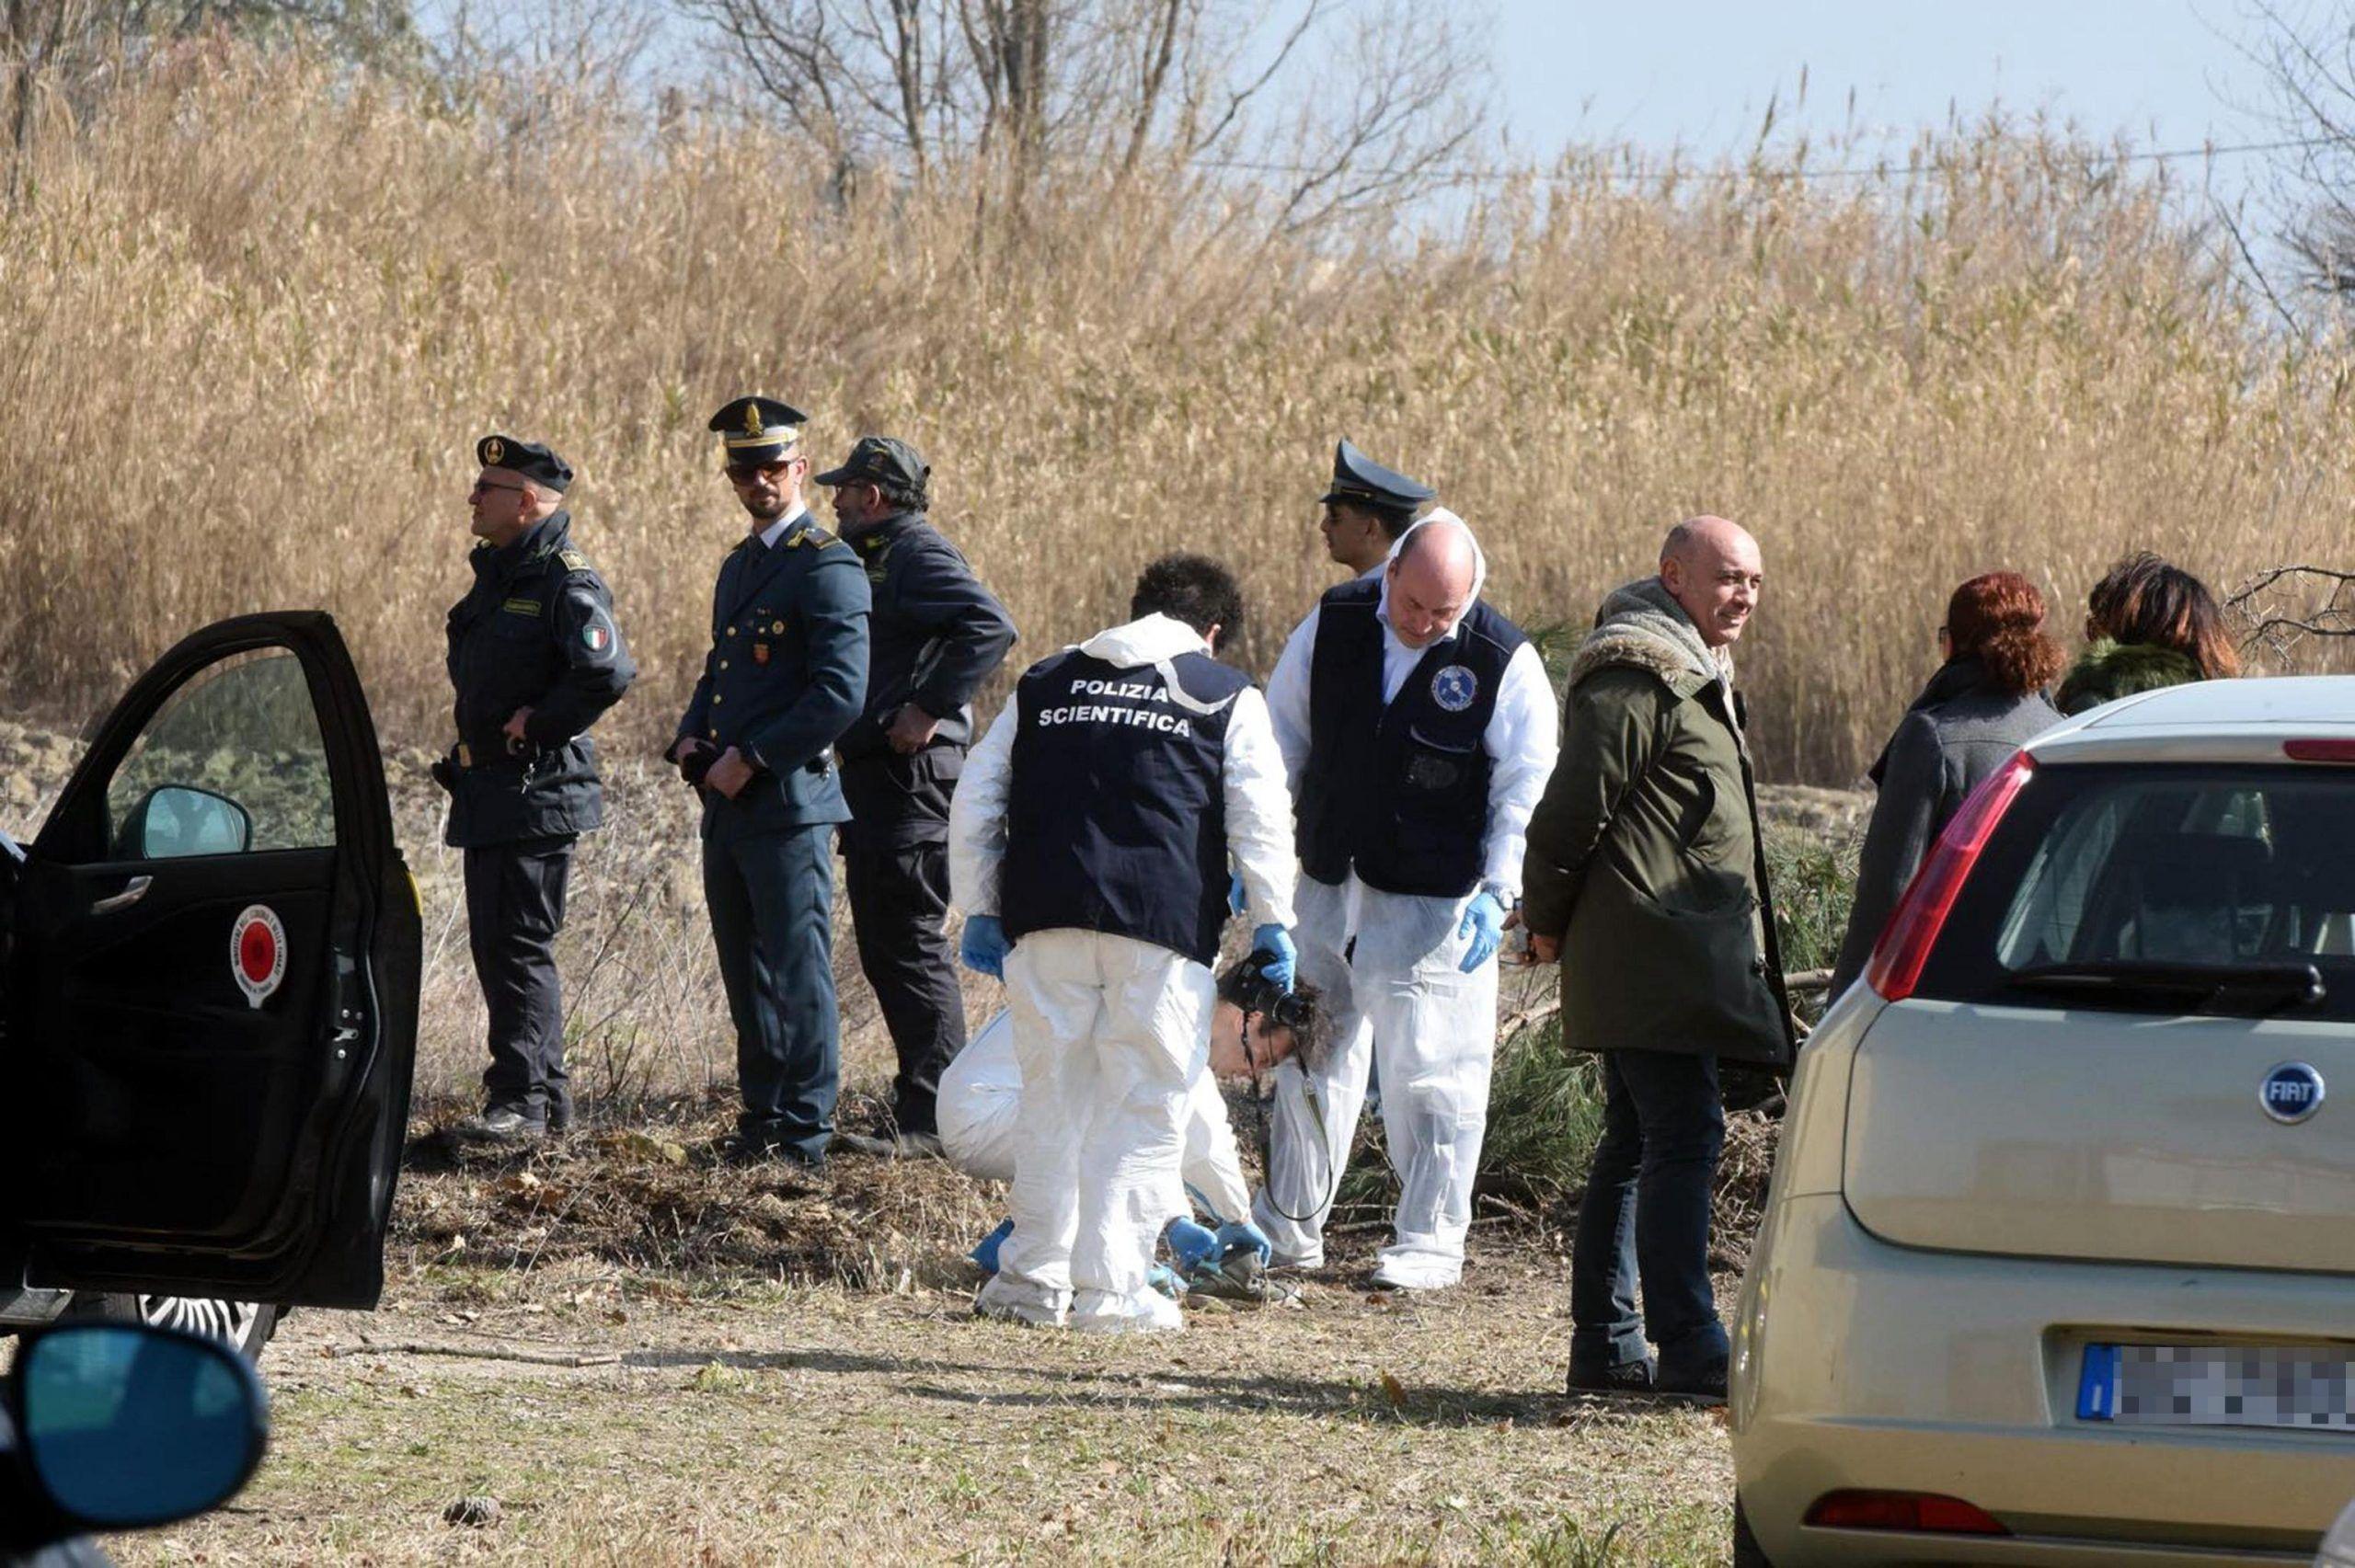 ++ Altre ossa a Porto Recanati, forse 15enne scomparsa ++